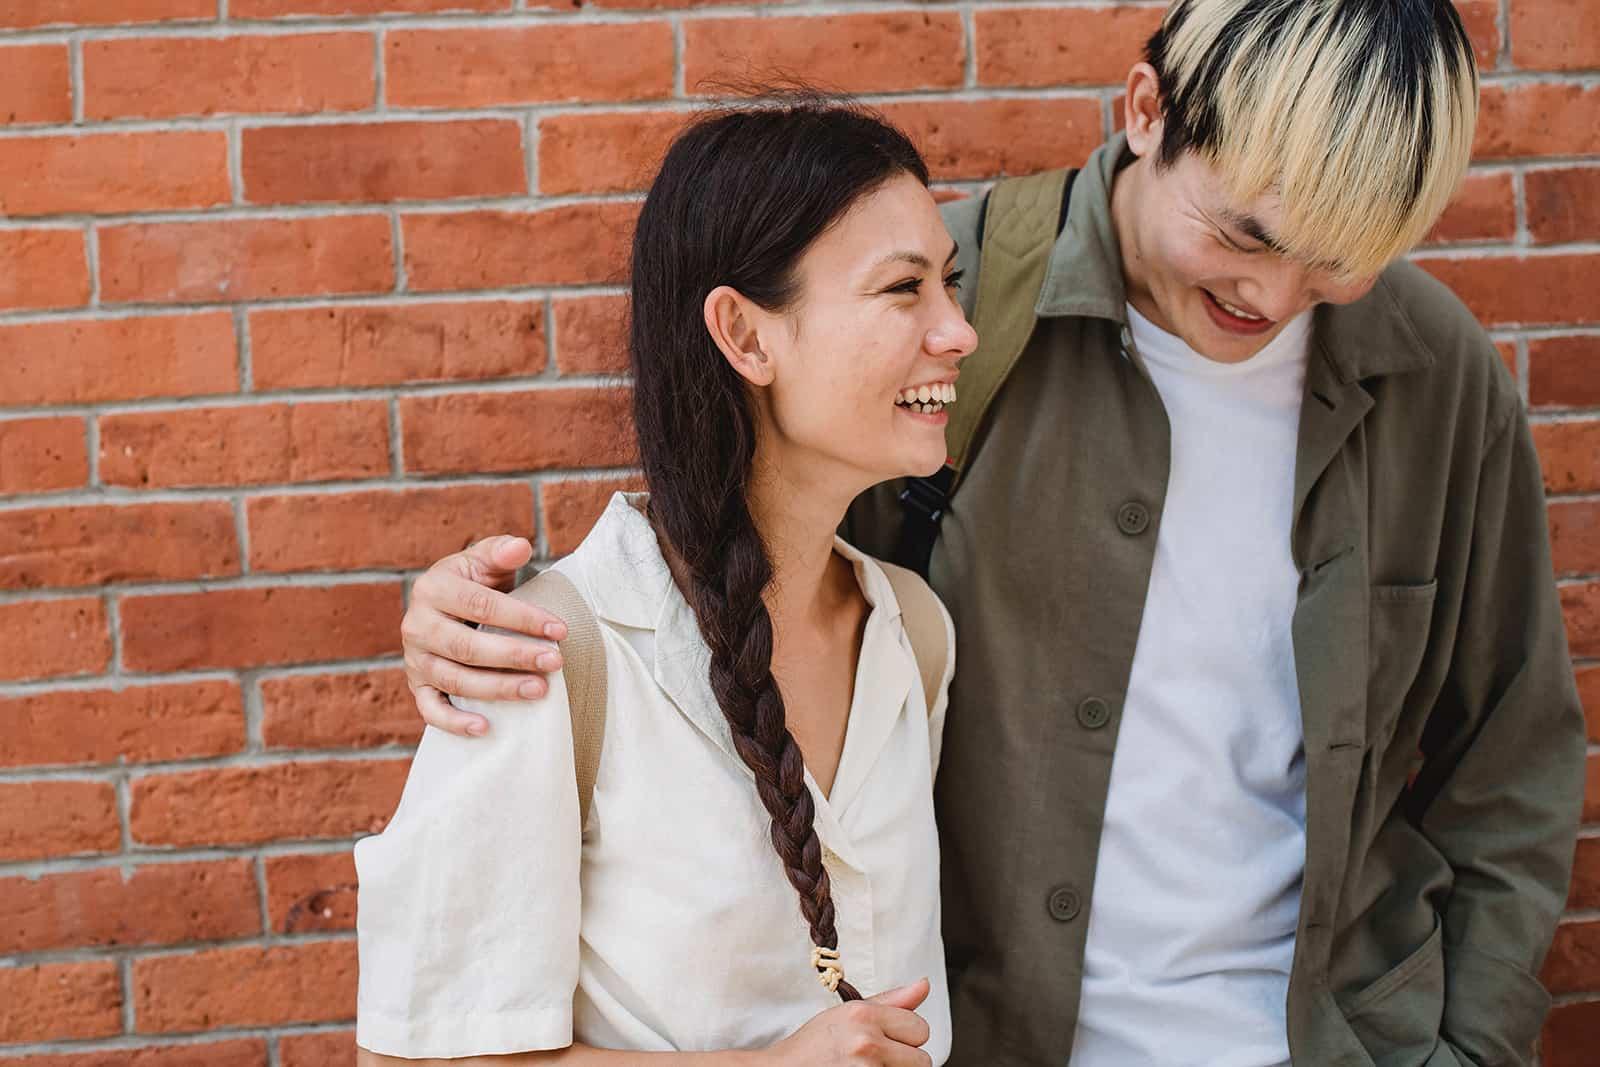 Ein Mann umarmt eine lächelnde Frau, die in der Nähe der Mauer steht